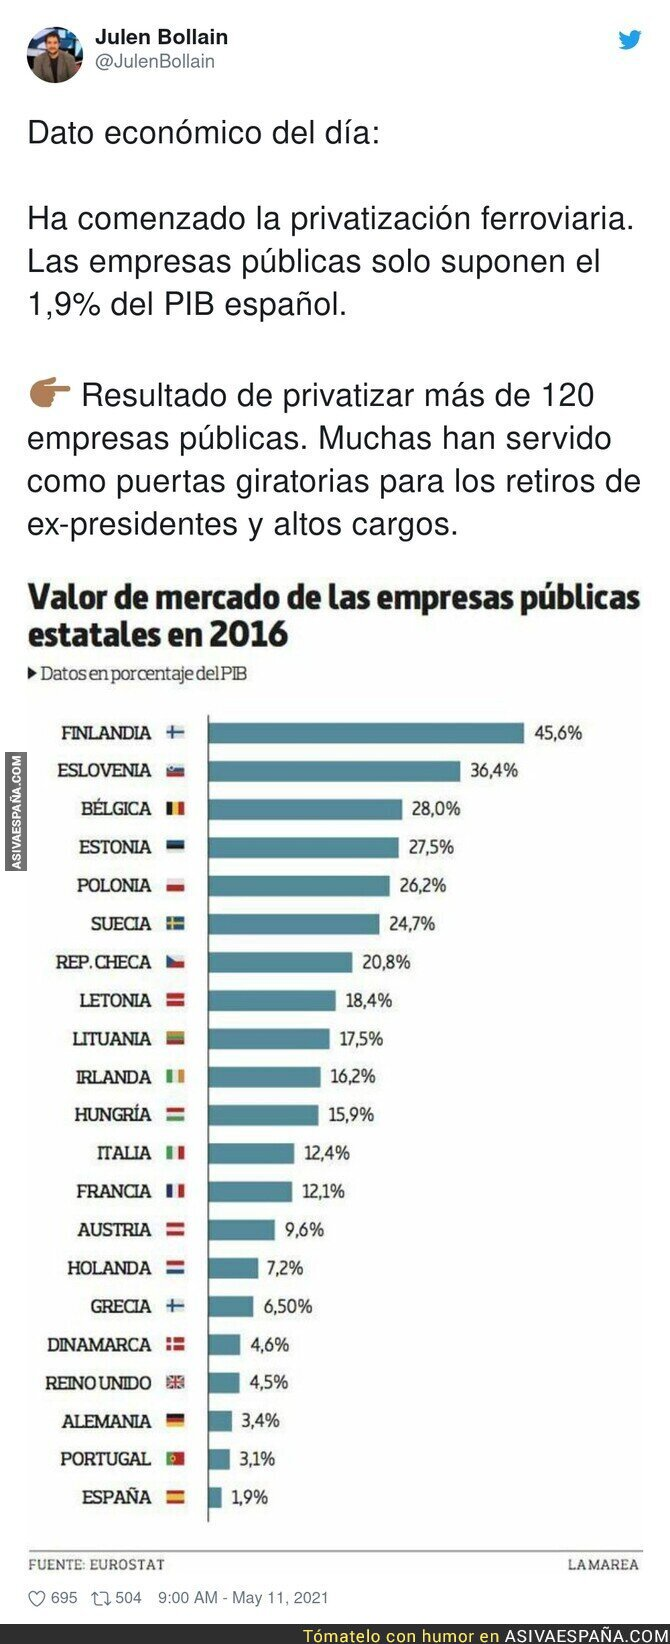 752397 - El preocupante dato de empresas públicas en España